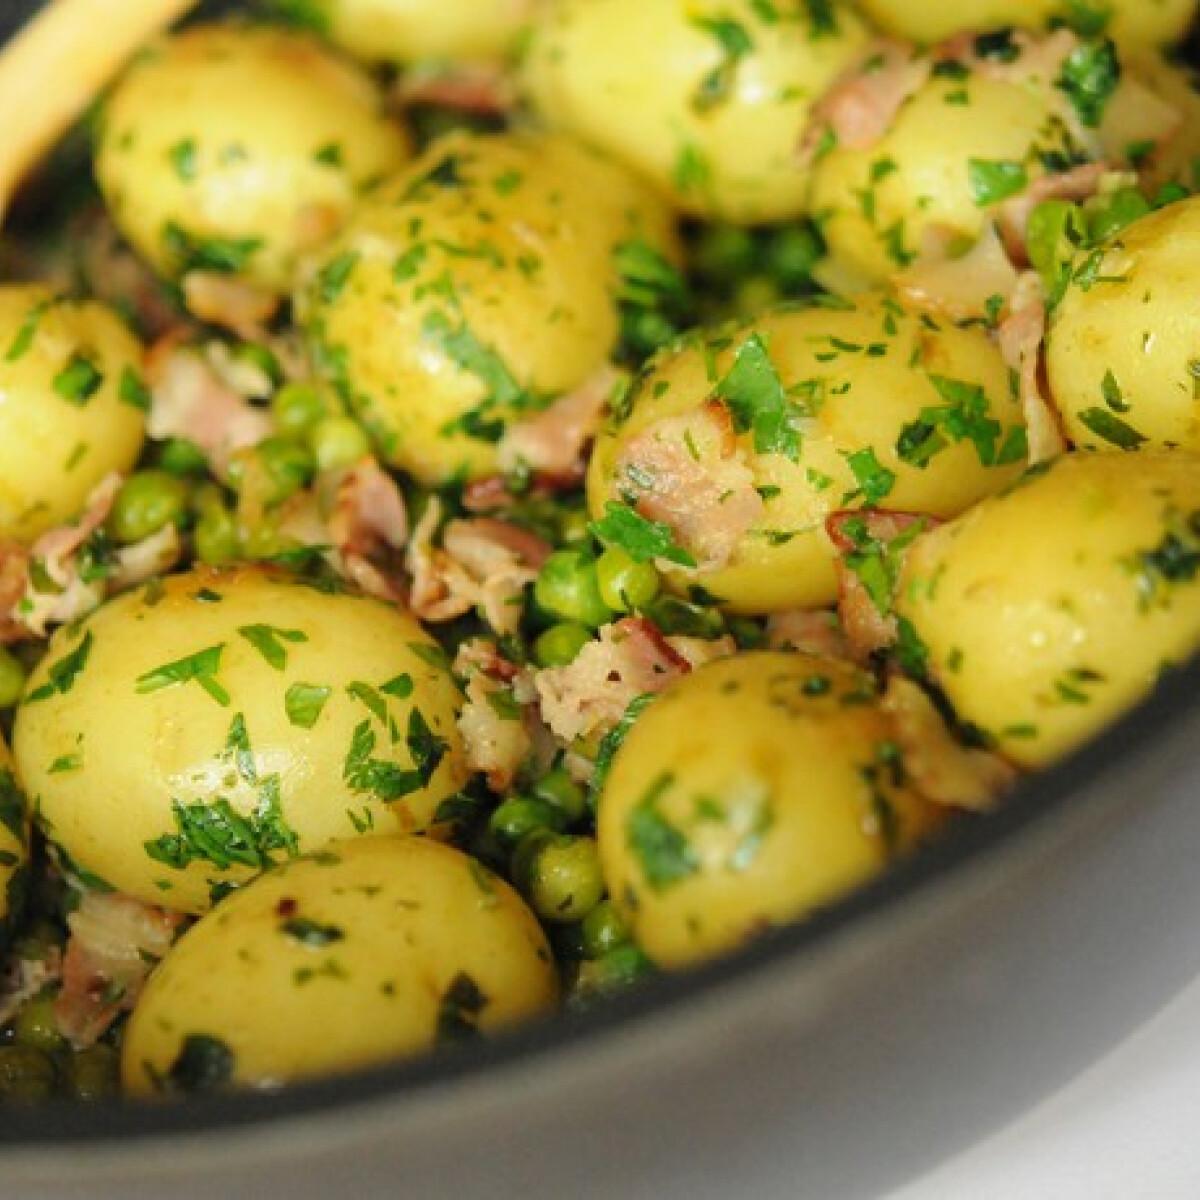 Ezen a képen: Borsós-szalonnás petrezselymes újkrumpli